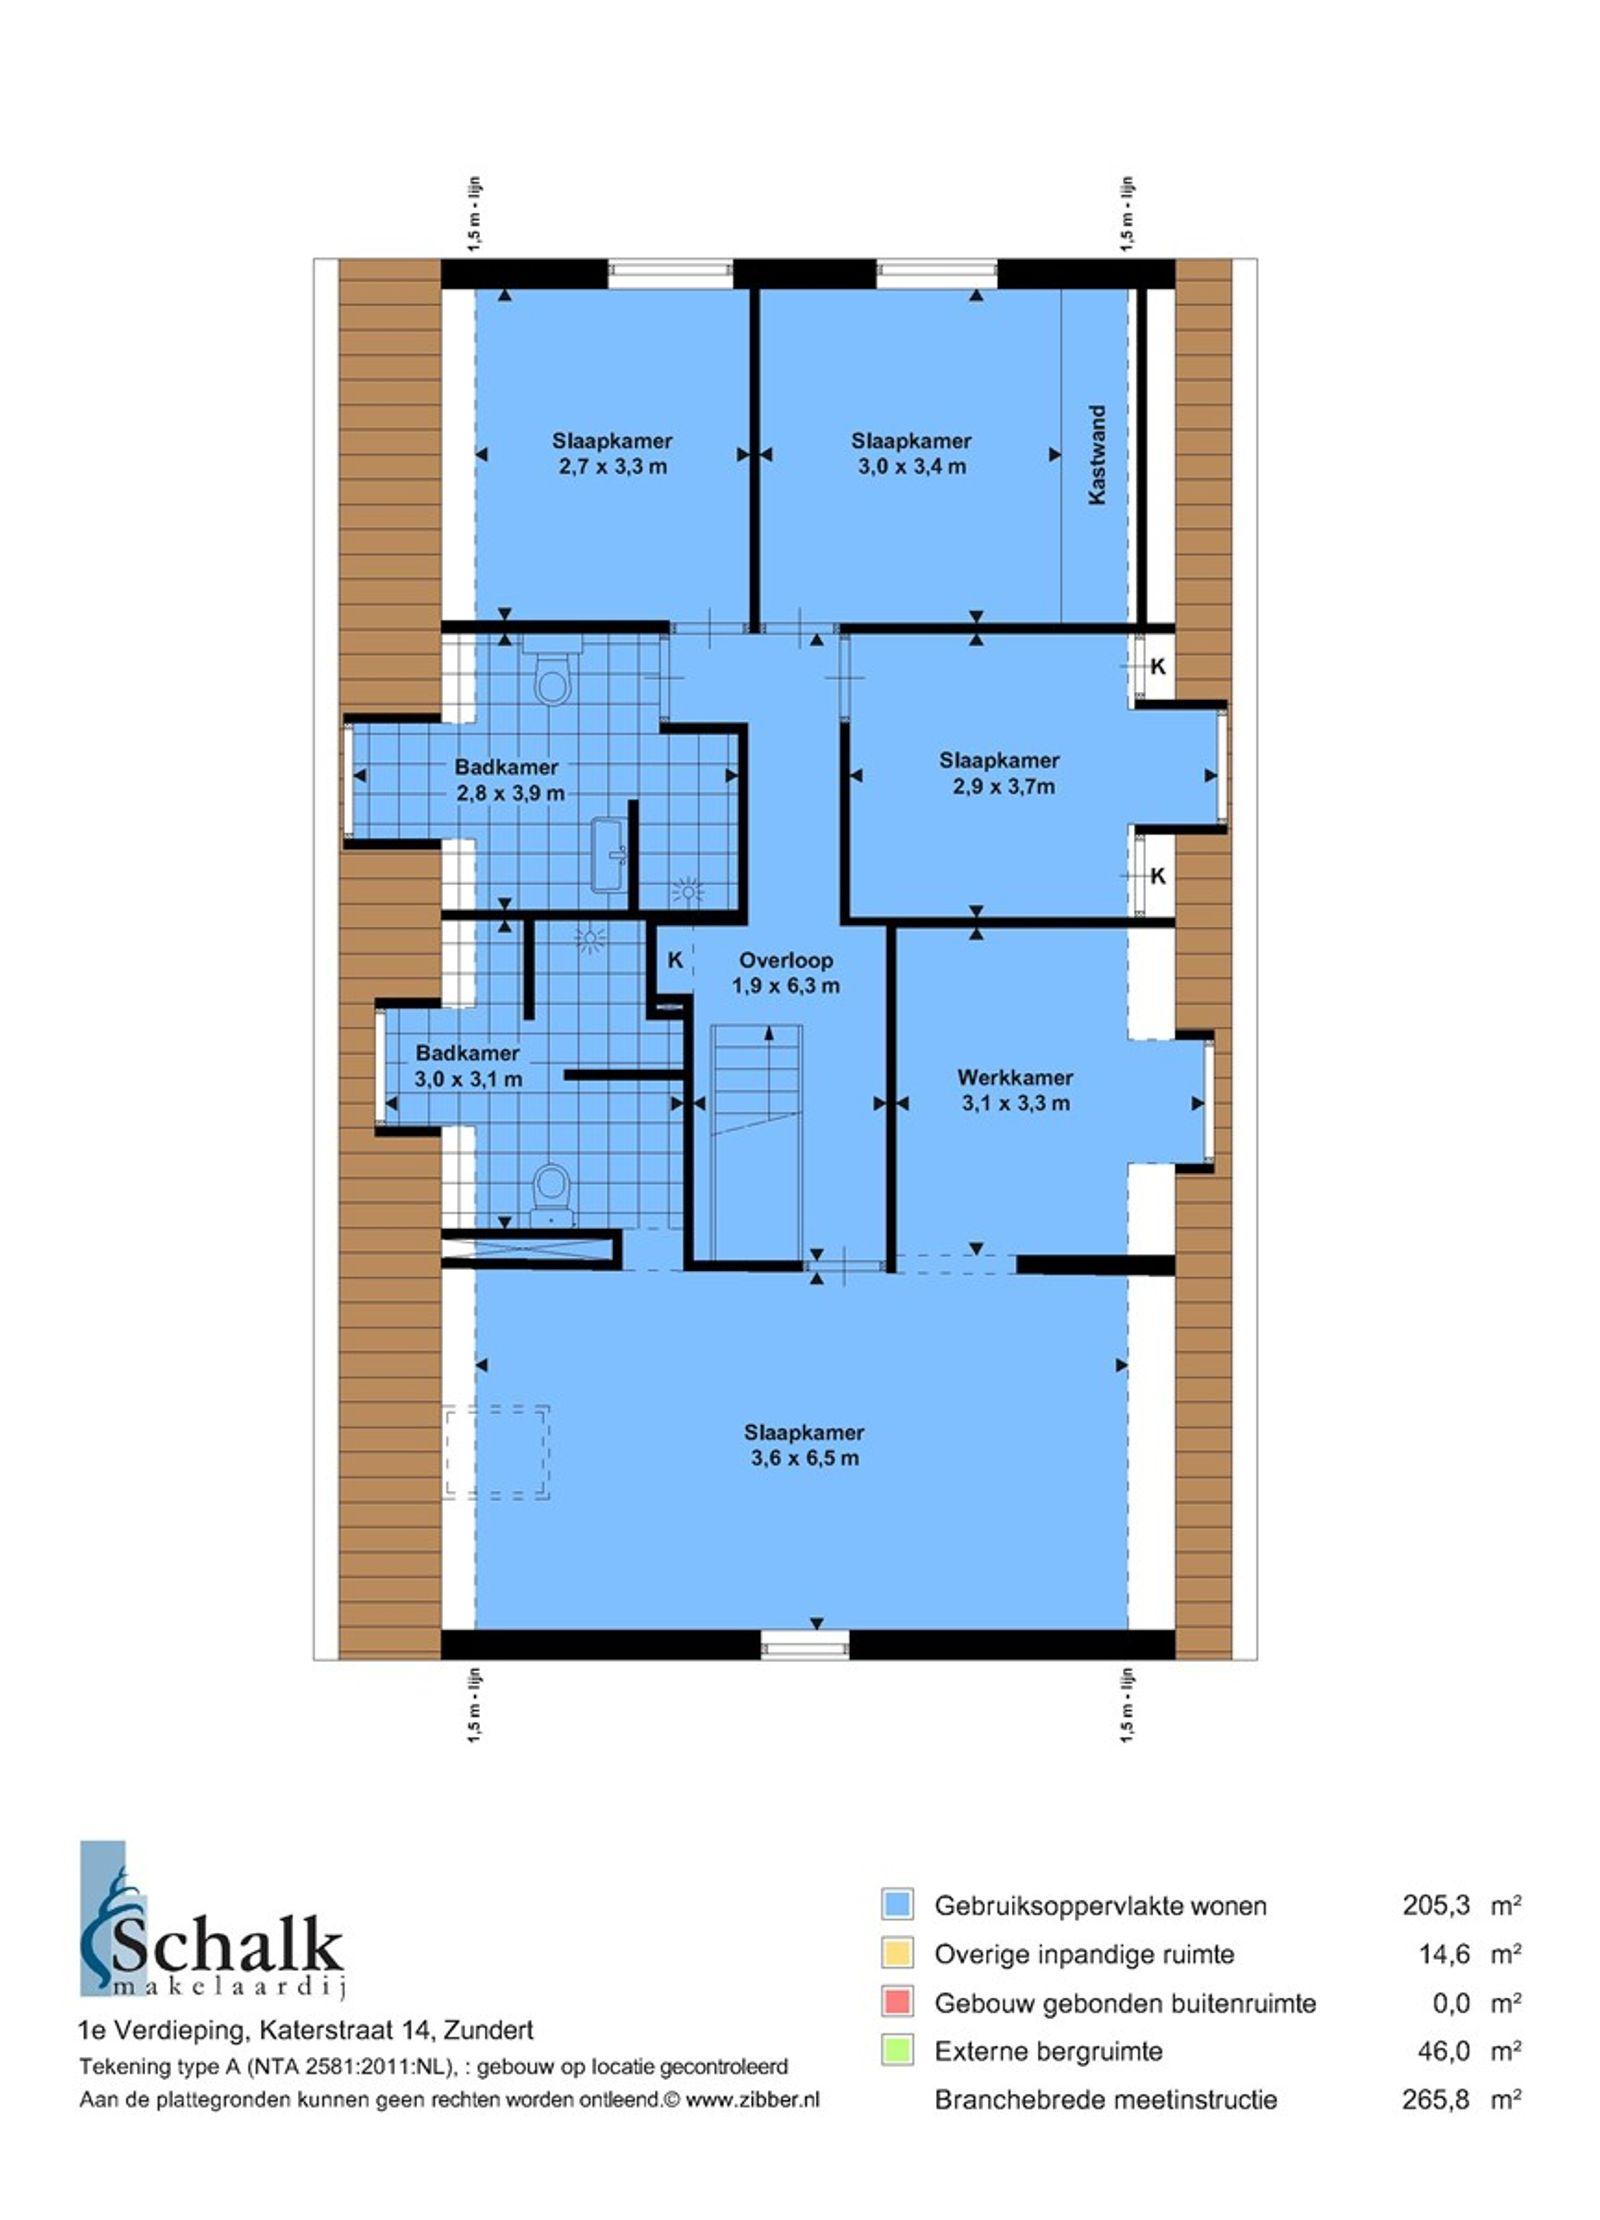 Deze prachtig gerenoveerde woning met historische elementen en ruime oprit staat in een rustige woonstraat in het centrum van Zundert. De woning is fraai afgewerkt en onder andere voorzien van een ruime woonkamer met mooie houten vloer en glas in lood ramen,een sfeervolle landelijke woonkeuken met balkenplafond, ruime kelder, vier slaapkamers en twee luxe badkamers met inloopdouches. In de achtertuin bevindt zich een atelier wat voorzien is van een badkamer, keukenblok en een vide. Aan dit gebouw is een prachtige houten veranda gebouwd met een buitenkeuken. De tuin is aangelegd met gazon en tegels en heeft ook een garage/werkplaats en een houten berging.  BEGANE GROND Landelijke woonkeuken uitgerust met een granieten werkblad, betegelde spoelbak, fornuis, afzuigkap in een schouw, koelkast, pannencarrousel en kastruimte. Vanuit de keuken is de praktische bijkeuken bereikbaar. Afwerking- Tegelvloer, deels betegelde en deels stucwerk wanden en een houten balken plafond. Meterkast- 8 groepen, 2 aardlekschakelaars en 1 krachtstroomgroep.  Zeer ruime L-vormige woonkamer met trap naar eerste verdieping en openslaande tuindeuren naar de achtertuin. Afwerking- Massief houten vloer, stucwerk wanden en stucwerk plafond met sierlijsten.  Voorkamer met haard en openslaande tuindeuren naar de achtertuin. Afwerking- Massief houten vloer, stucwerk wanden en een houten balken plafond.  Achter entree met toegang tot de toiletruimte en de voorkamer. Afwerking- Tegelvloer, stucwerk wanden en stucwerk plafond.  Toiletruimte met zwevend toilet, urinoir en een wastafel Afwerking- Tegelvloer, wandlambrisering met daarboven stucwerk en stucwerk plafond.  Praktische bijkeuken met inbouwkasten met daarin aansluitingen voor de wasmachine en droger. Afwerking- Tegelvloer, stucwerk wanden en een houten balken plafond.  Kelder met wijnopslag. Afwerking- Tegelvloer, stucwerk wanden en een betonnen plafond.  EERSTE VERDIEPING Overloop met toegang tot vier slaapkamers en een badkamer. Afwerking- Hou